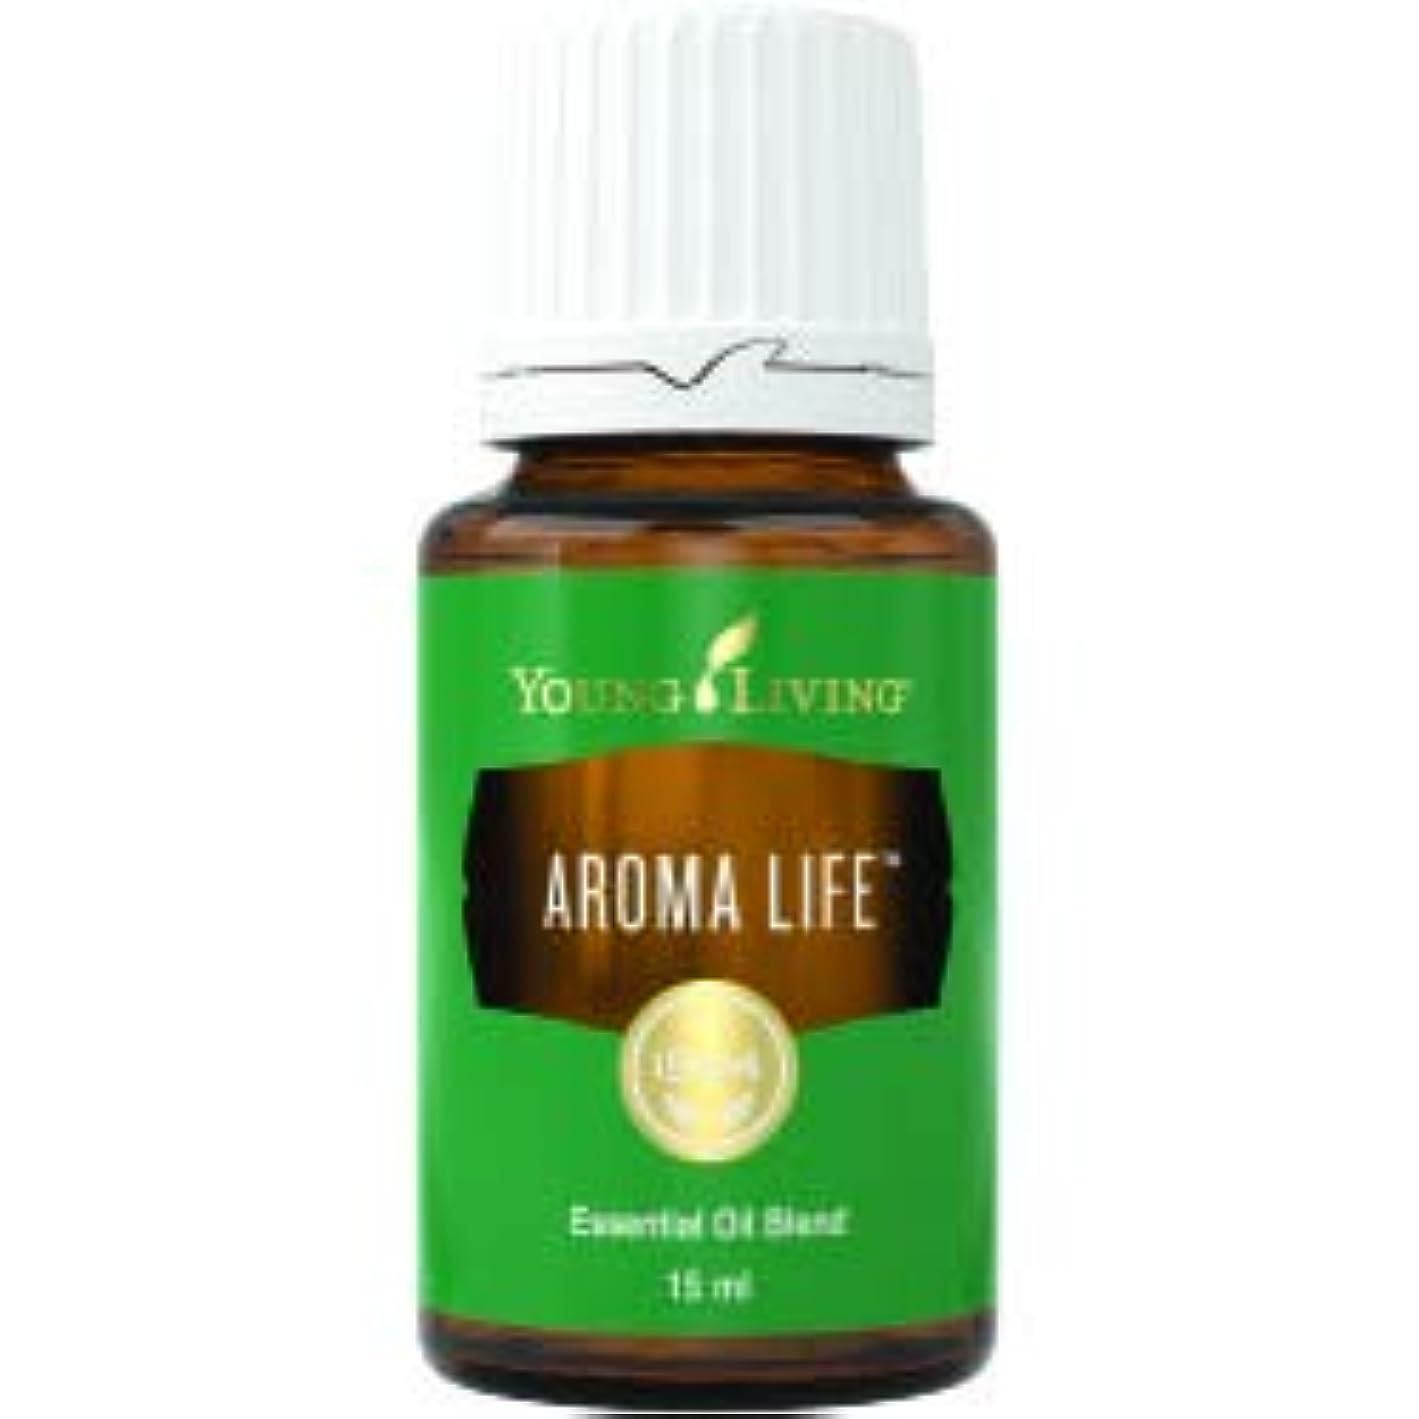 カウボーイ午後タンザニアアロマライフ™は、イランイランの調和効果と既知の大手サイプレス、ヘリクリサム、マジョラムを組み合わせたものです。オイルブレンドはあなたの生命力を活性化し、リラックスをもたらします Aroma Life Essential...